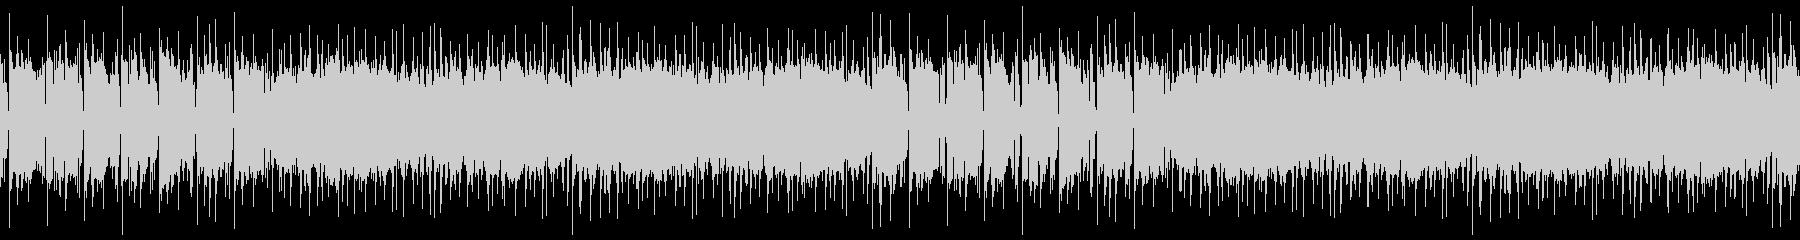 シンセが目立つ都会的BGM※ループ仕様の未再生の波形